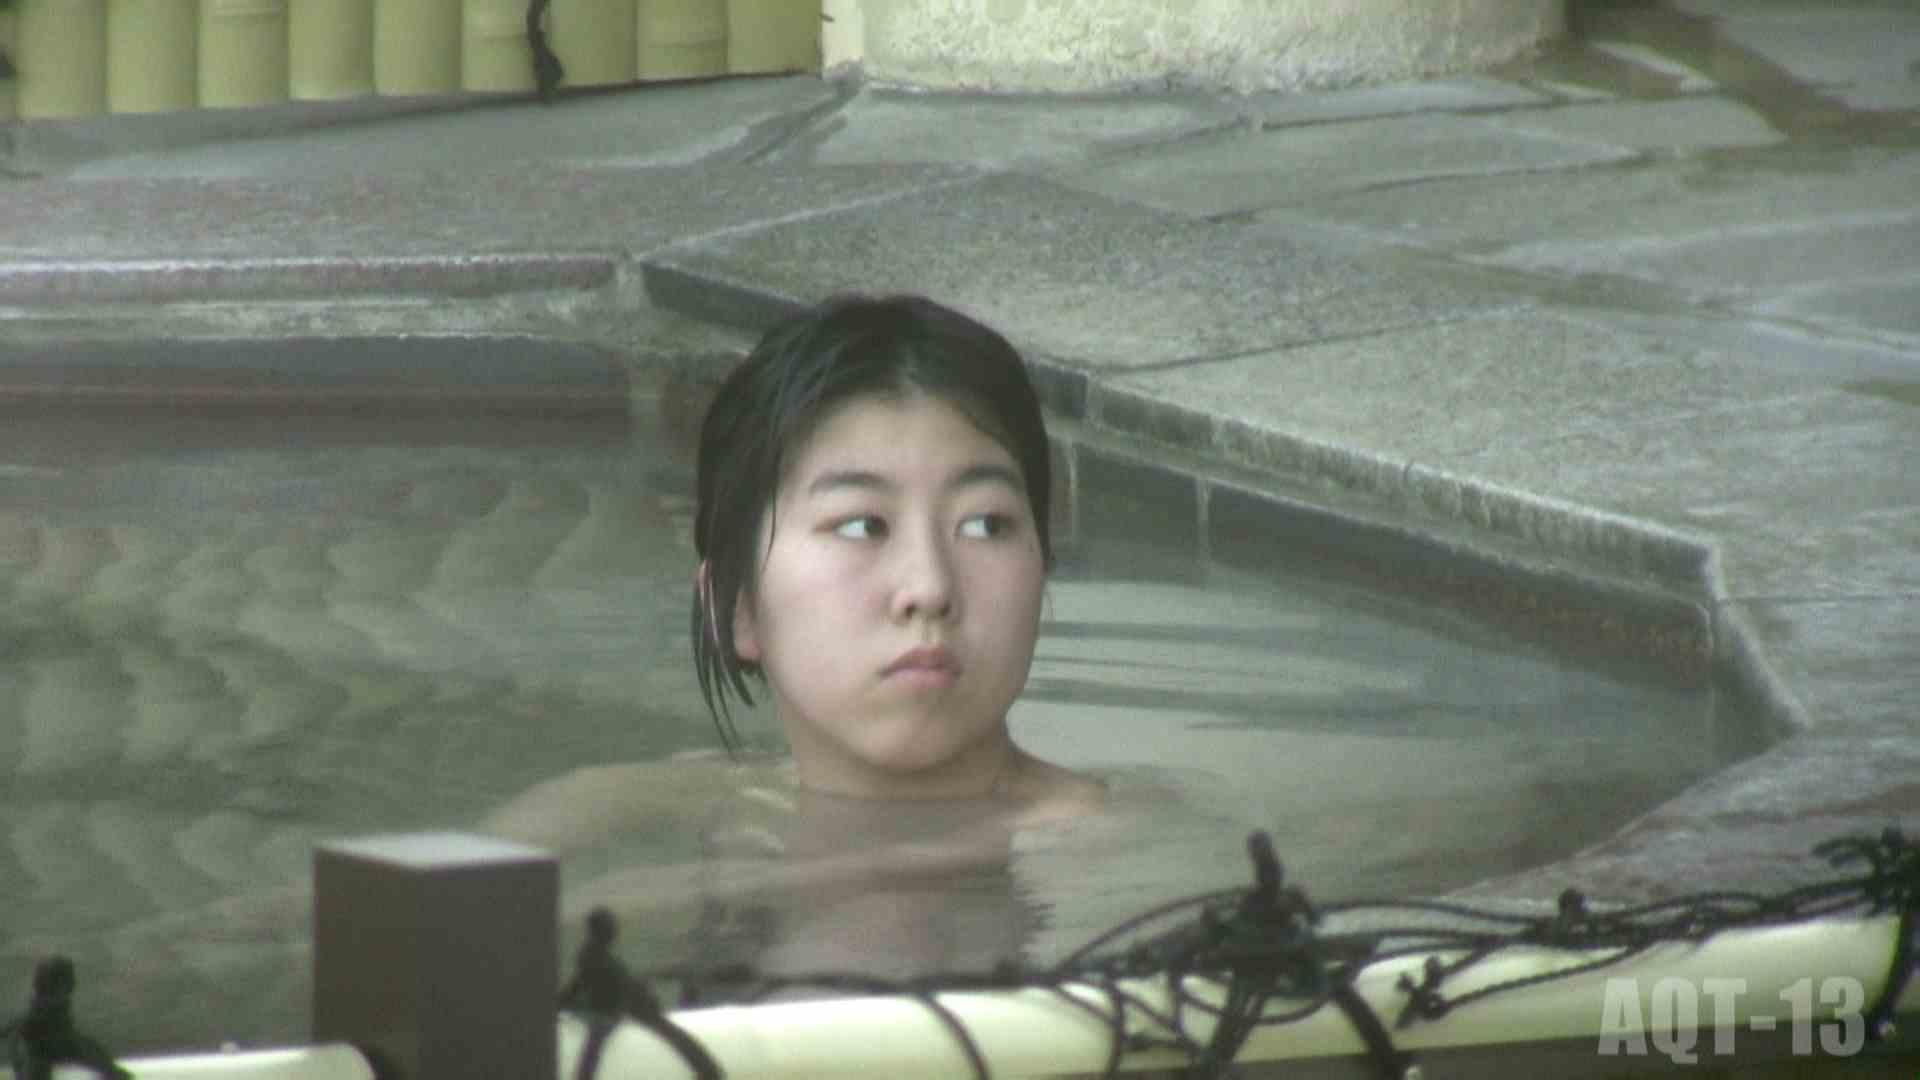 Aquaな露天風呂Vol.816 OLのエロ生活  90連発 27